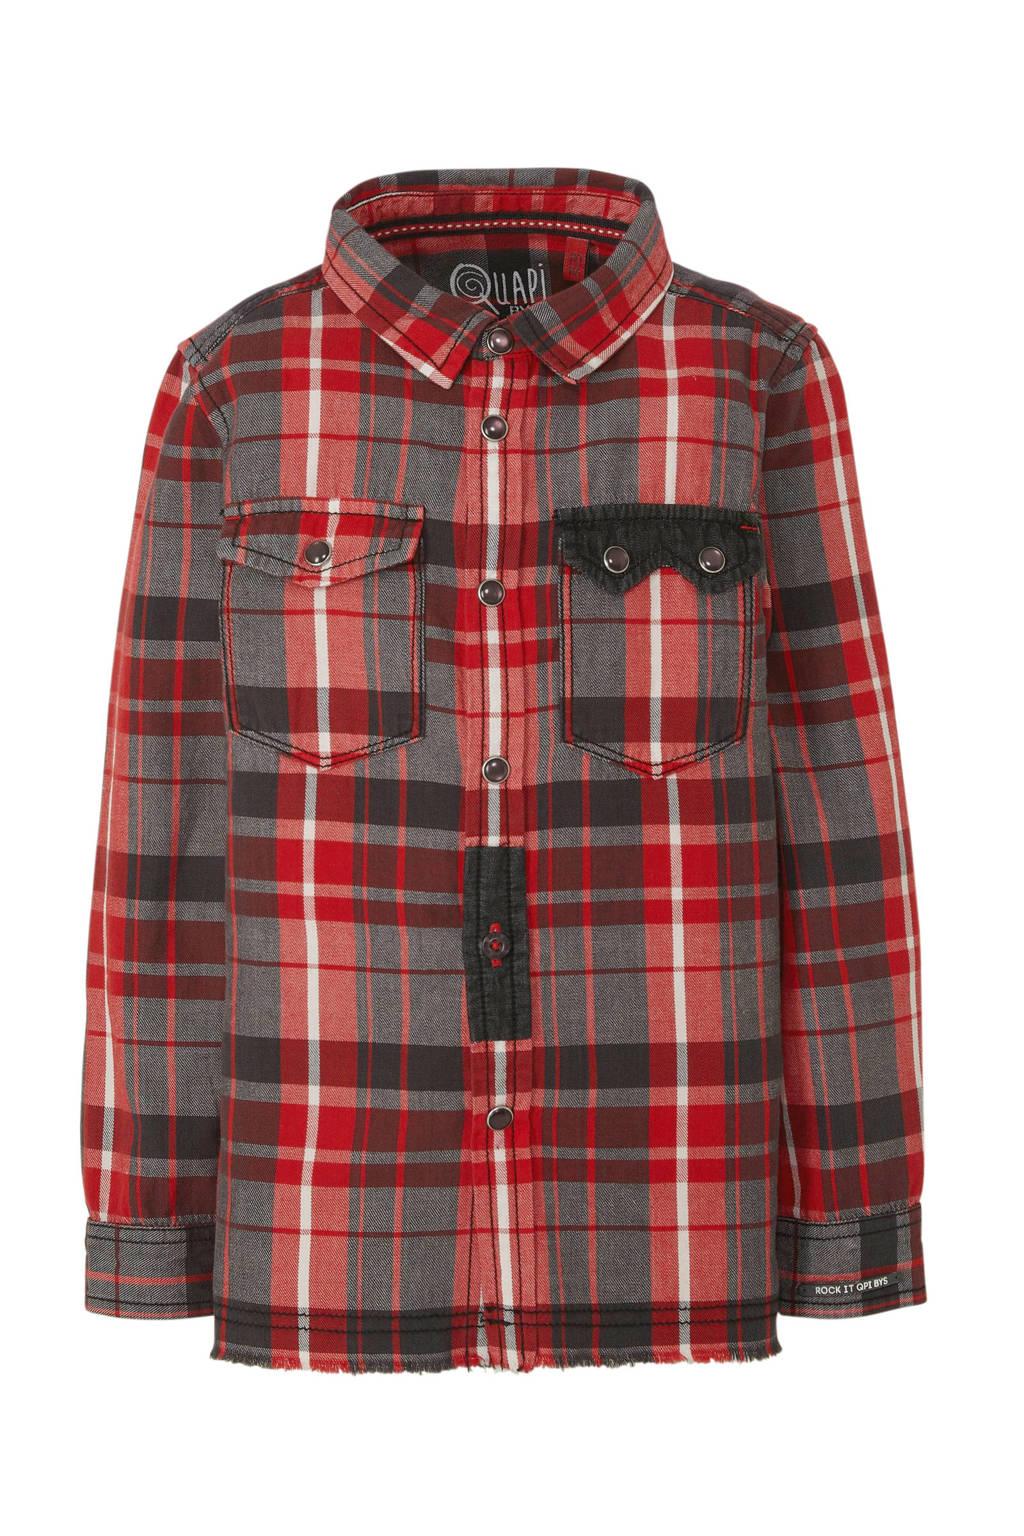 Quapi overhemd Tedde met all over print rood/grijs, Rood/grijs